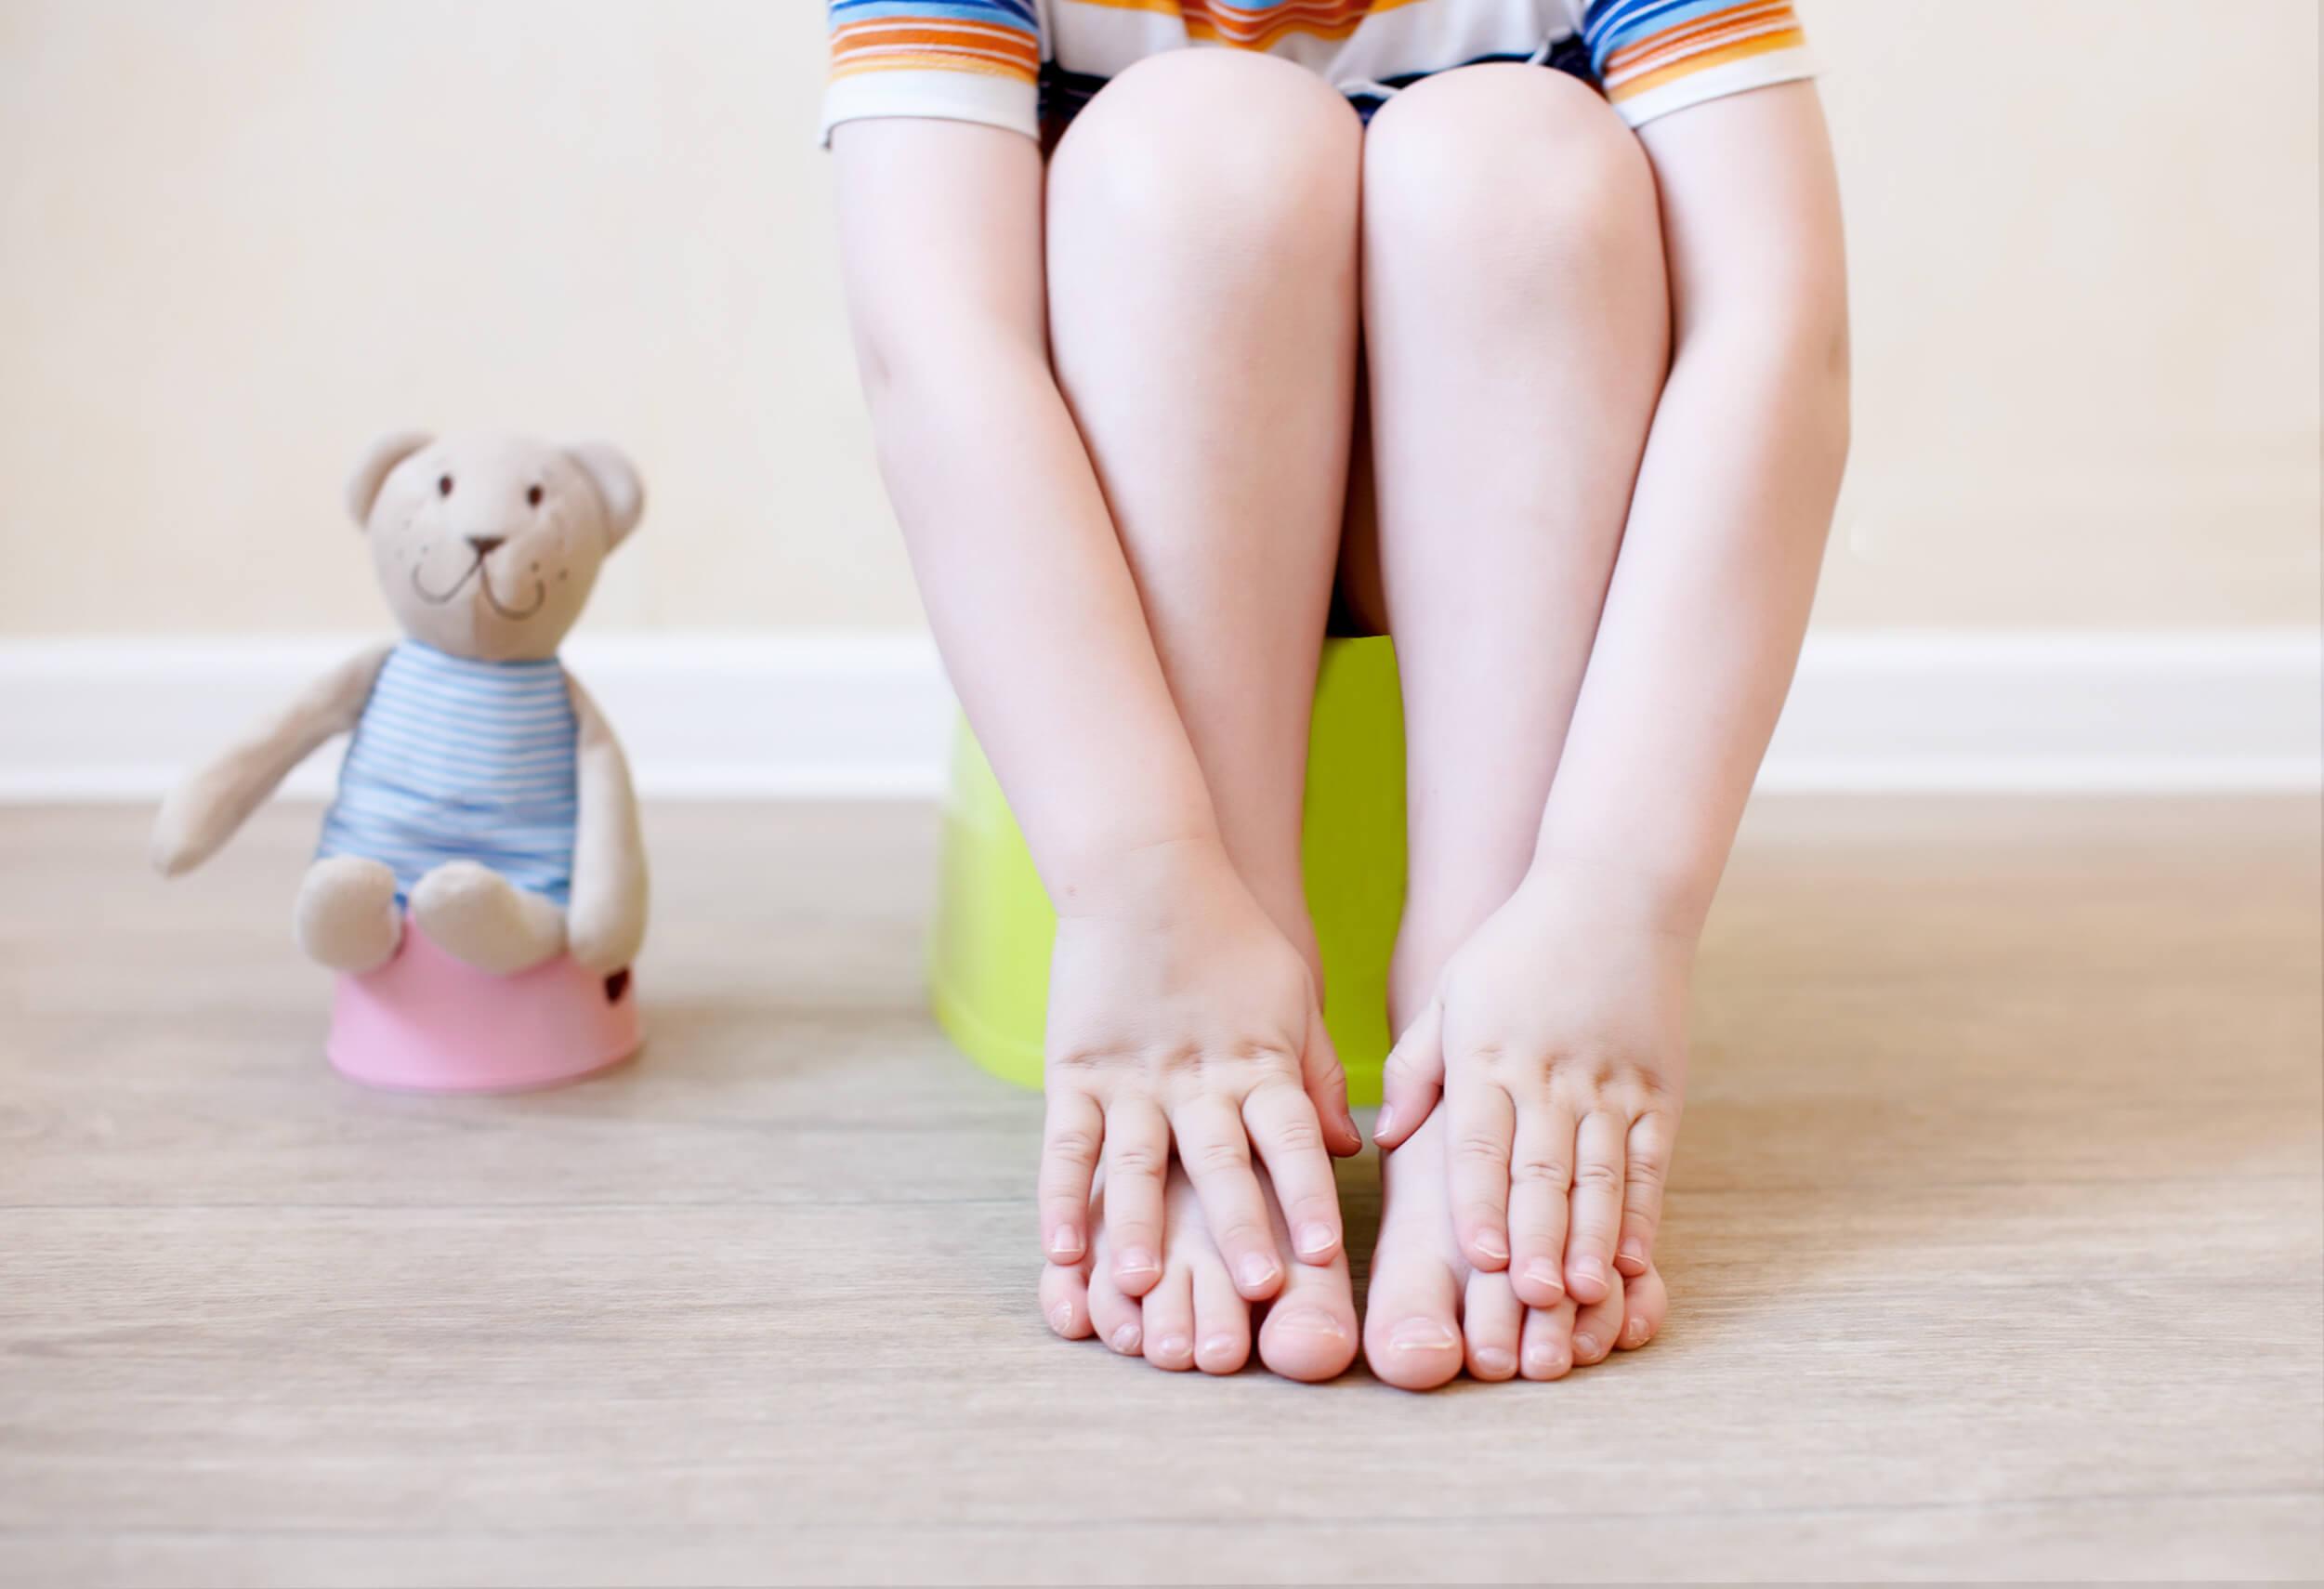 Сколько мочи нужно собрать у ребенка для анализа?